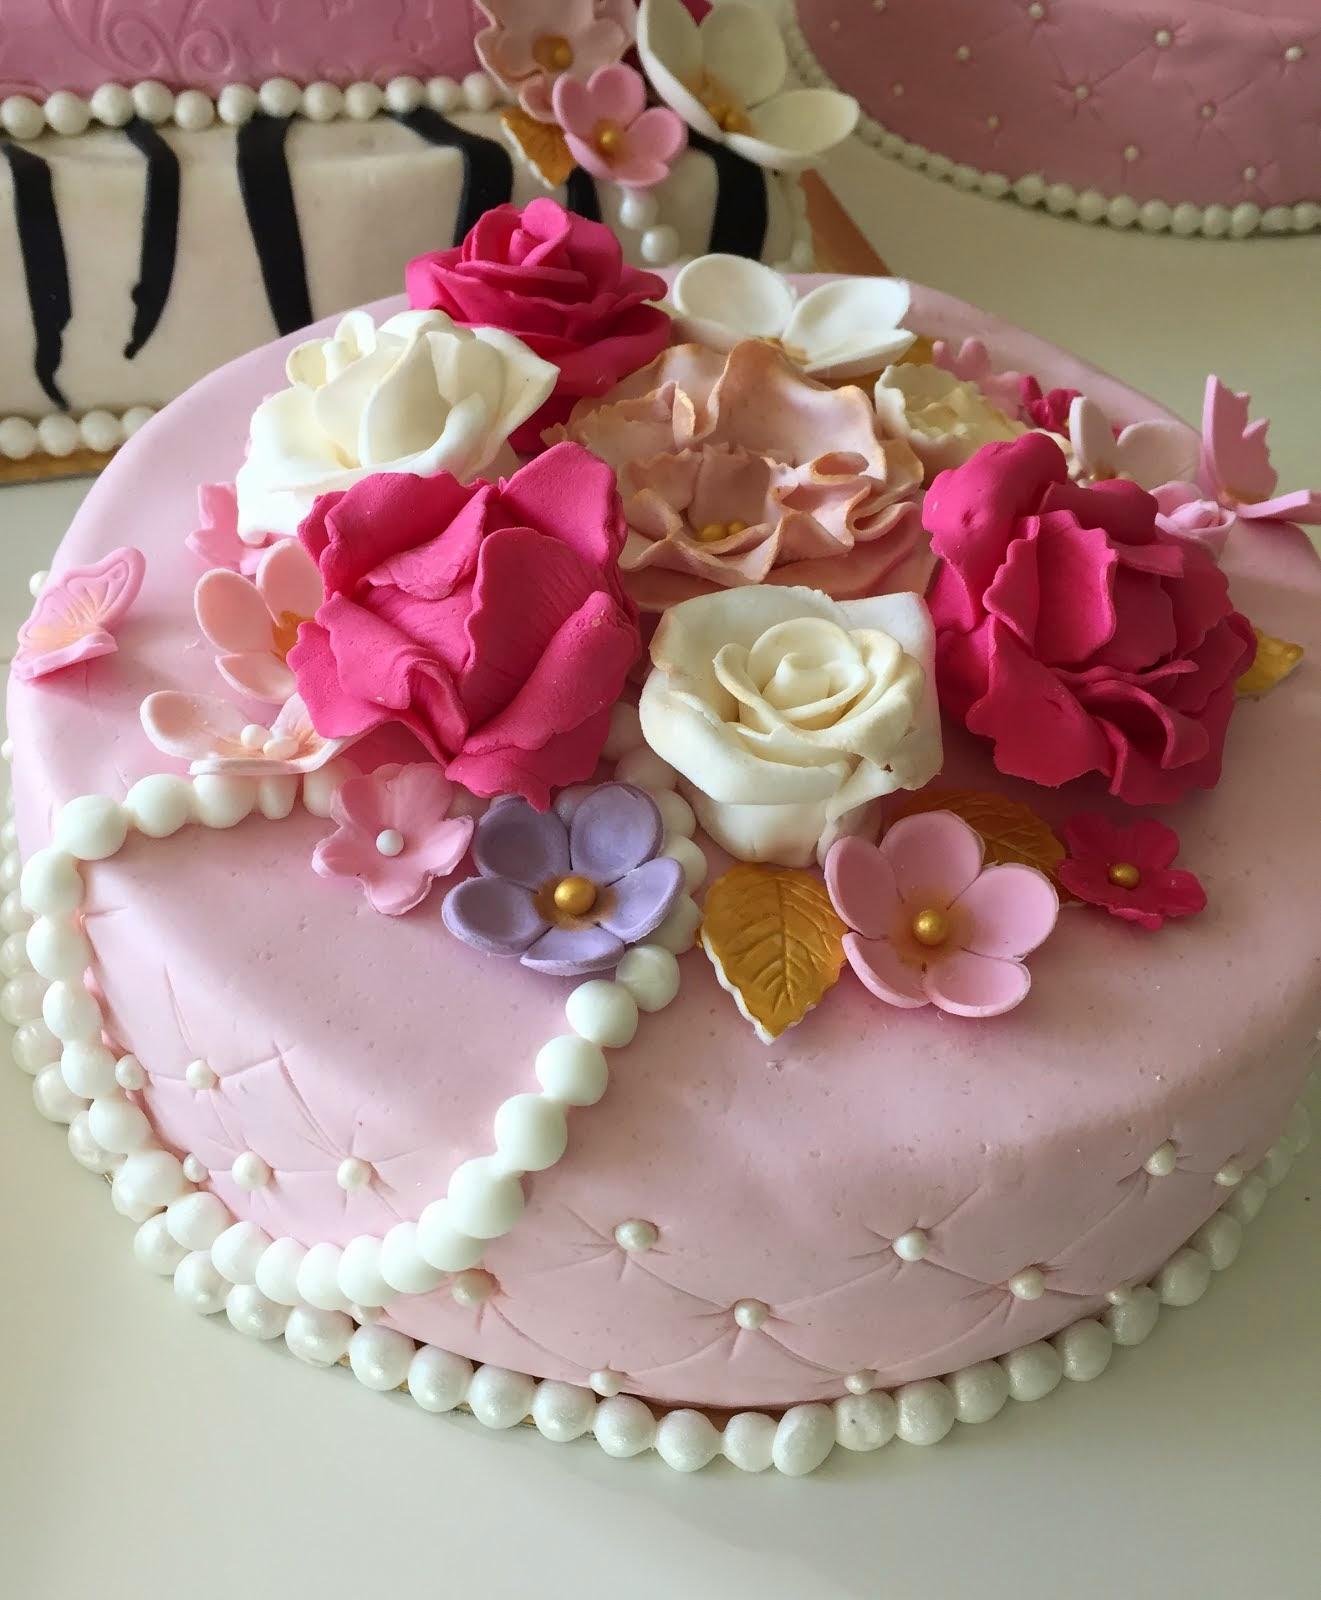 Tårta med många blommor och pärlor